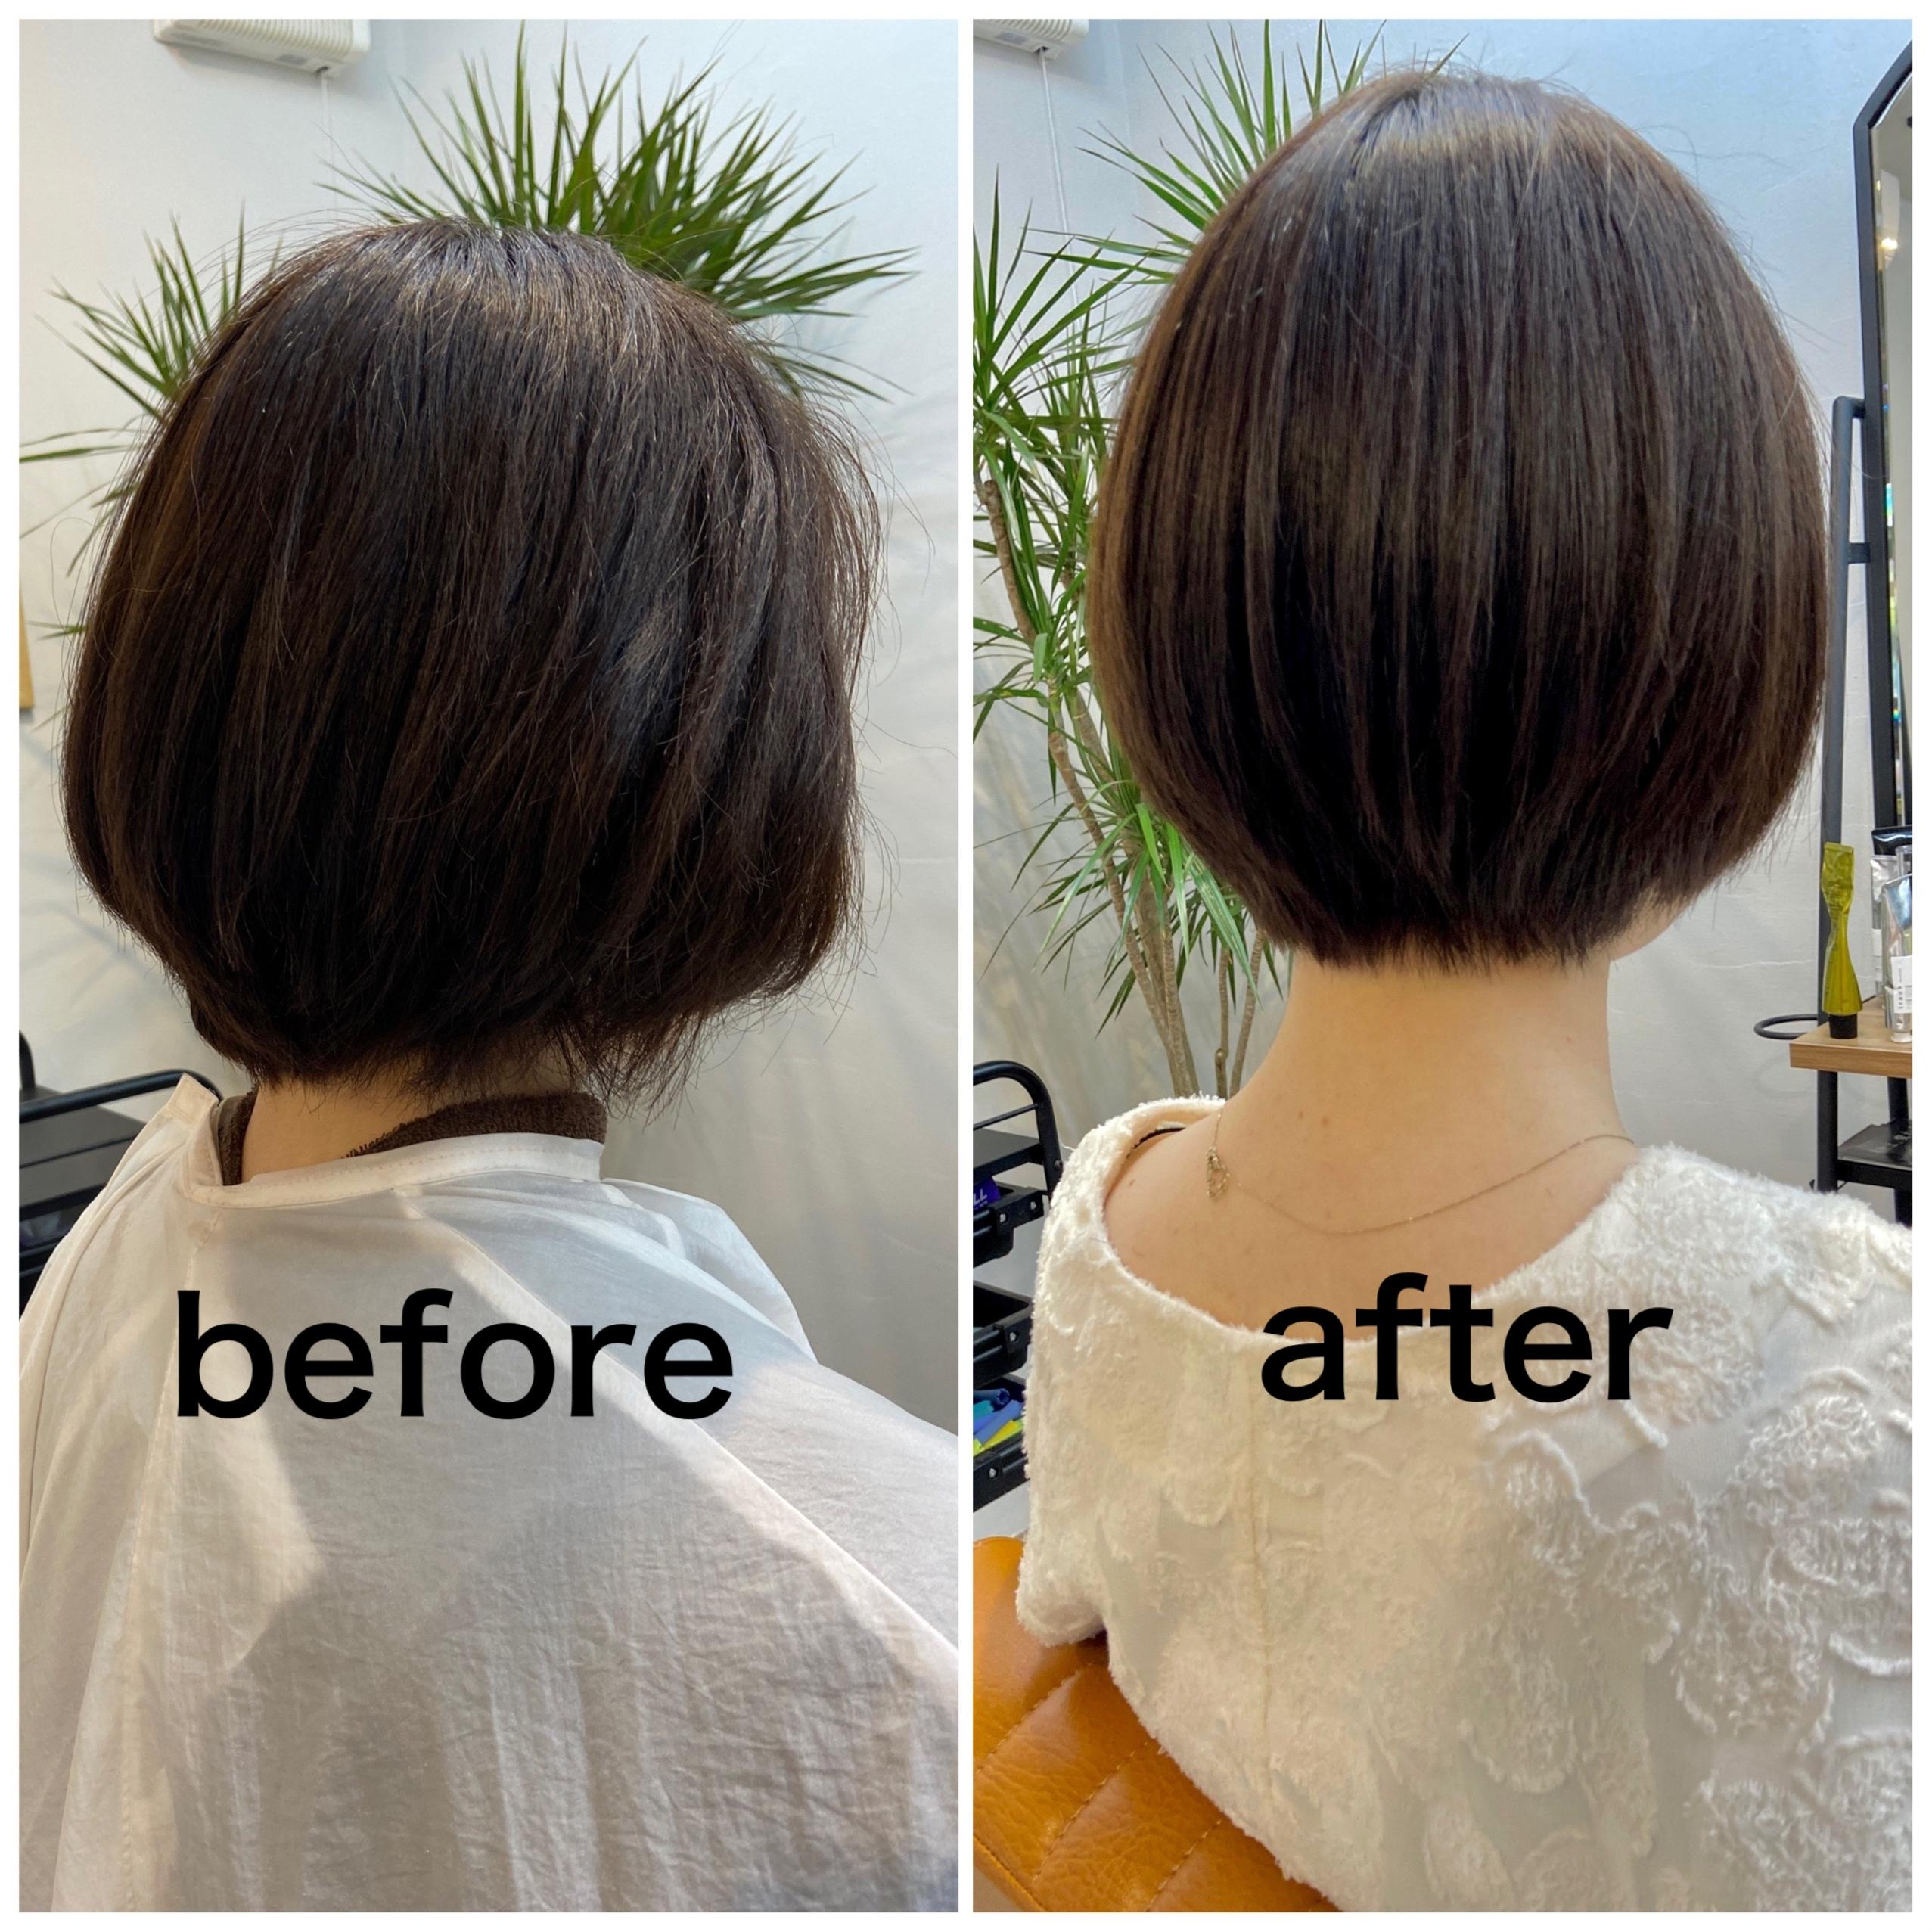 強いクセも1回でキレイに柔らかく伸ばしツヤサラな髪になる、手入れがしやすい褒められヘアをご提供。